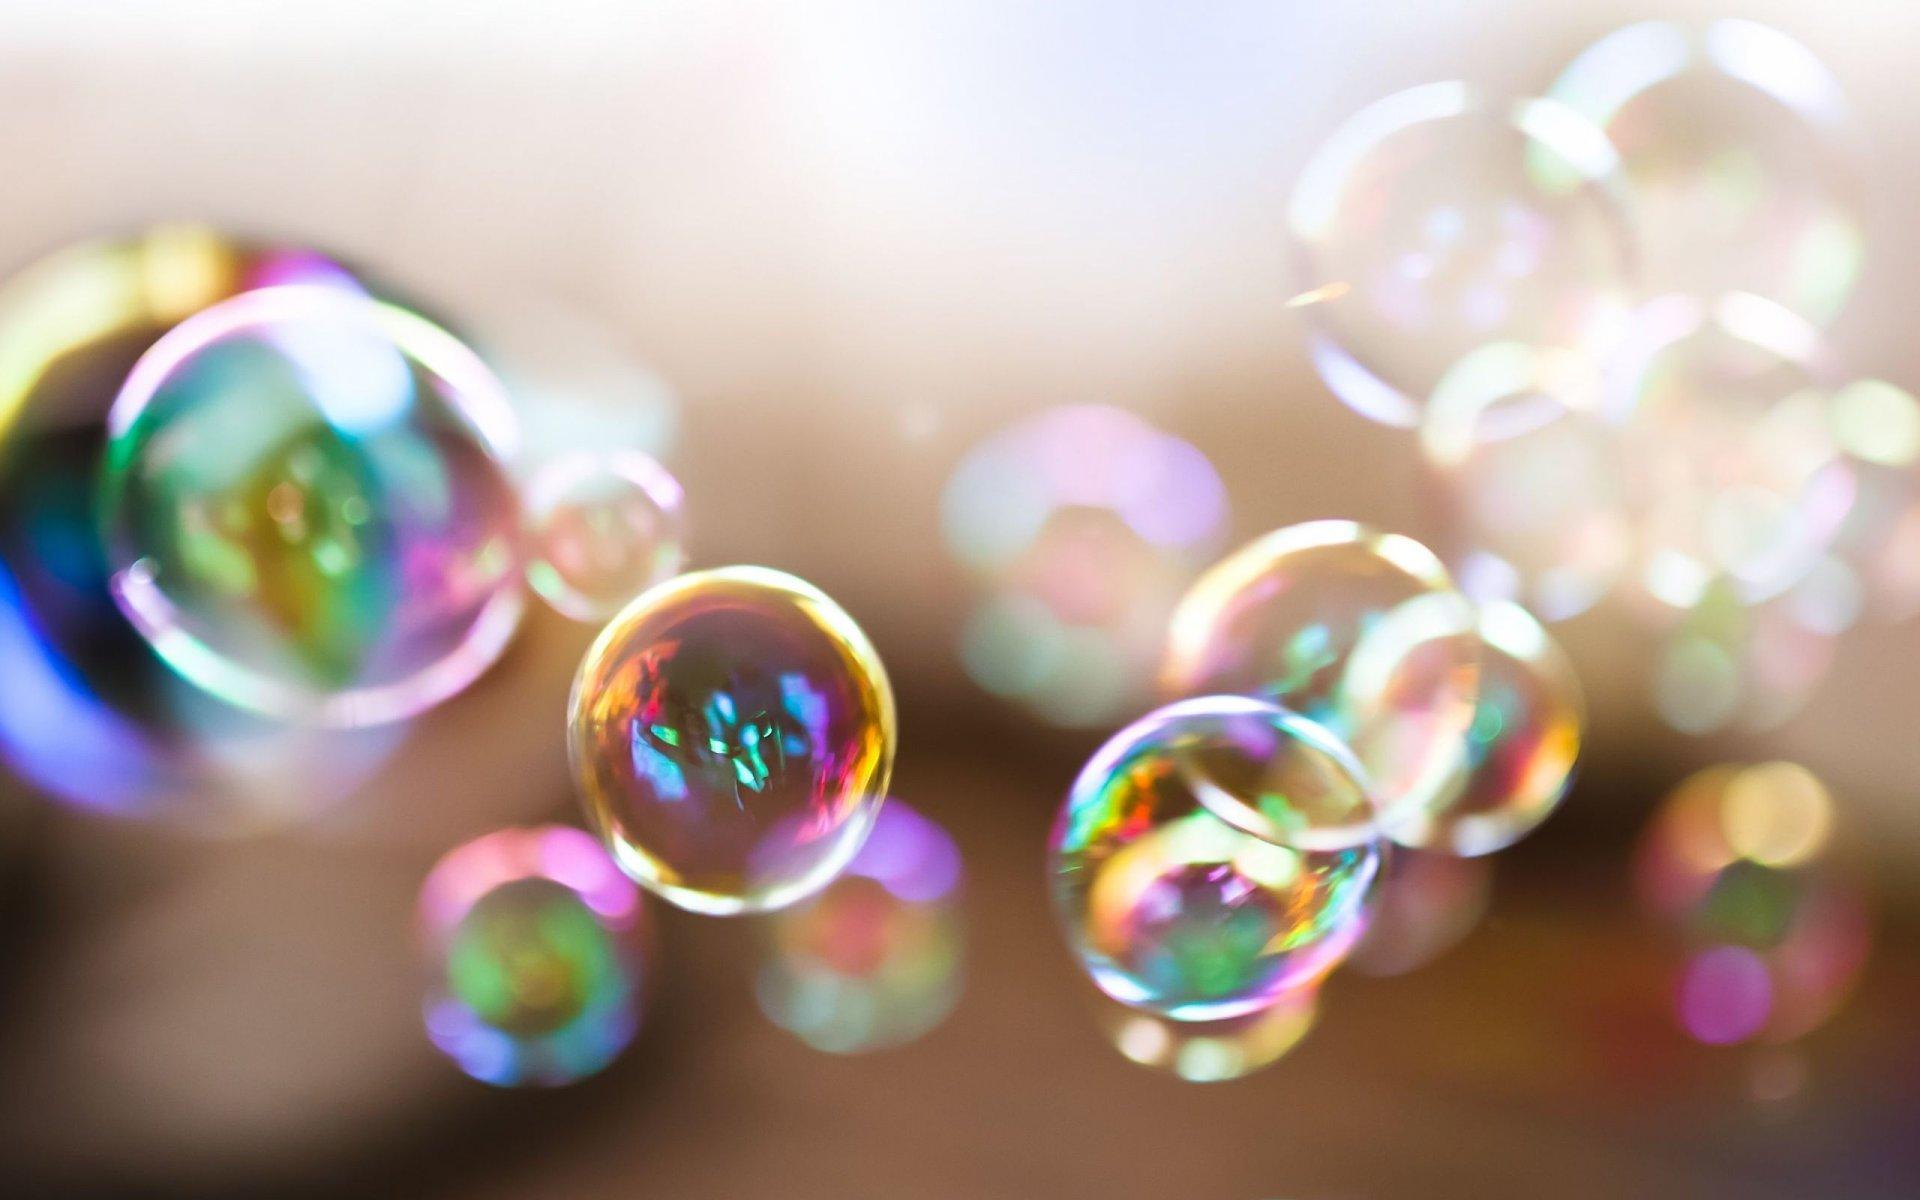 красивые картинки мыльные пузыри заводчики путем